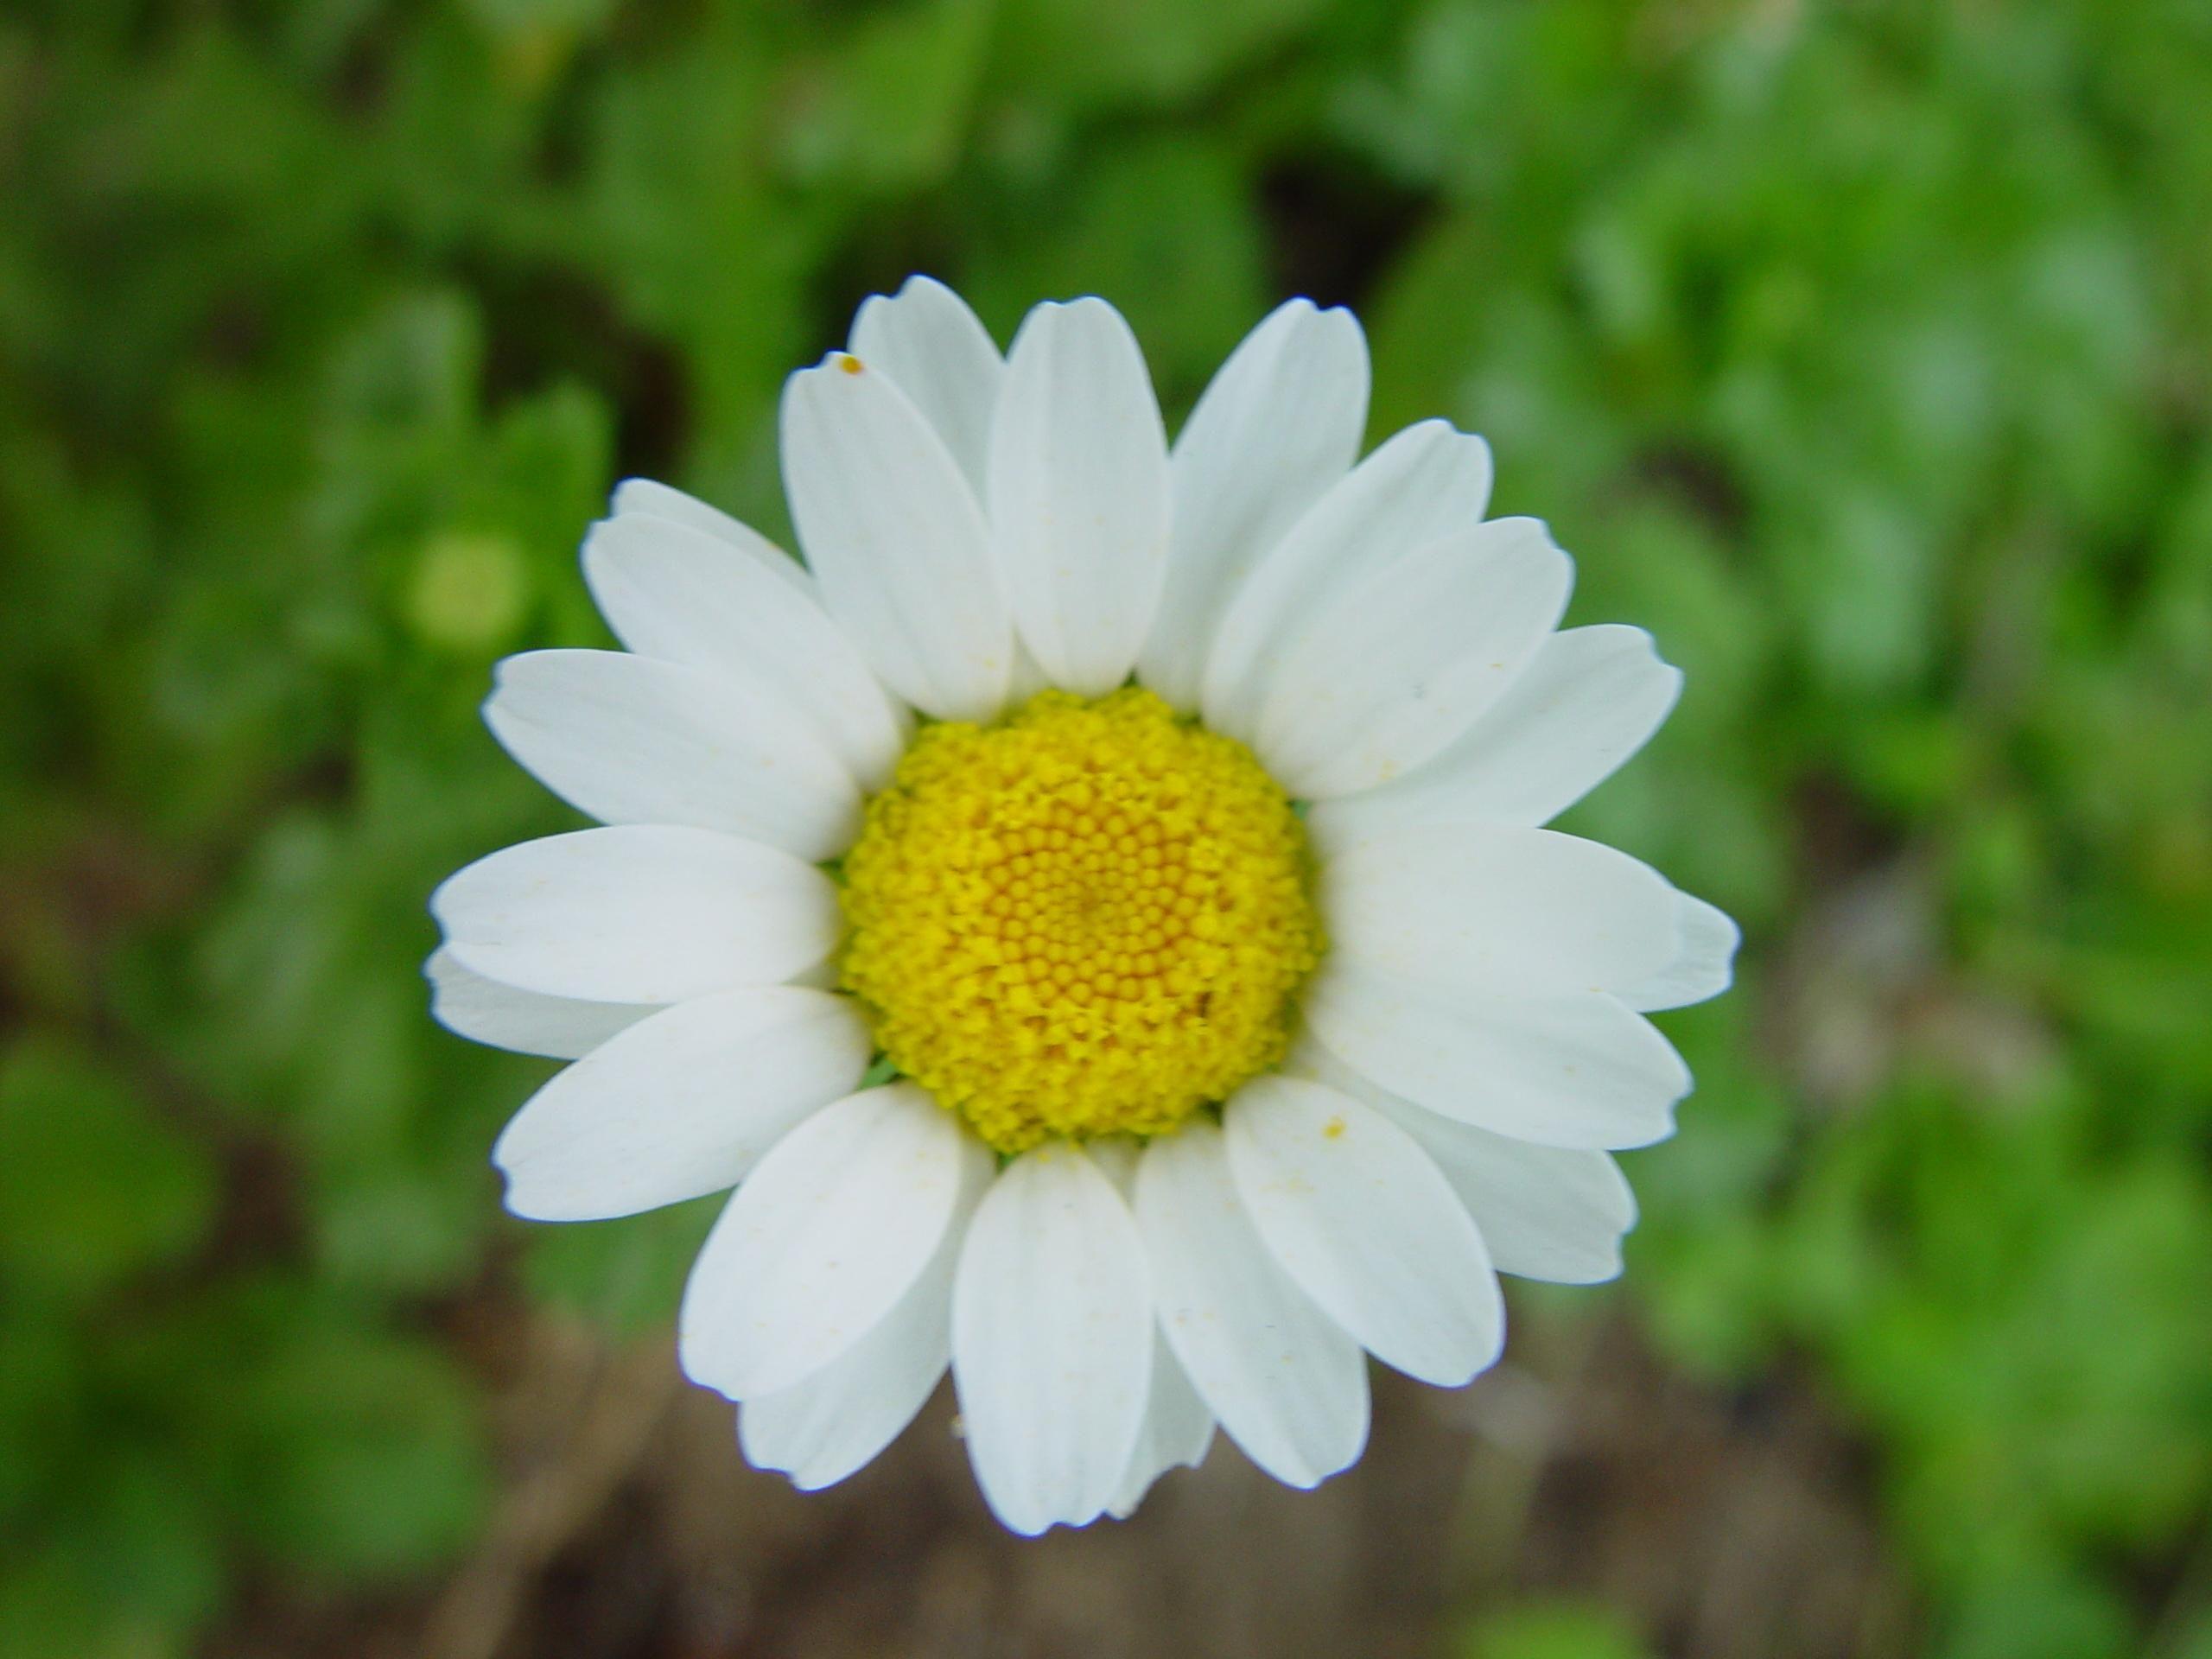 Filedaisy flower green backgroundg wikimedia commons filedaisy flower green backgroundg izmirmasajfo